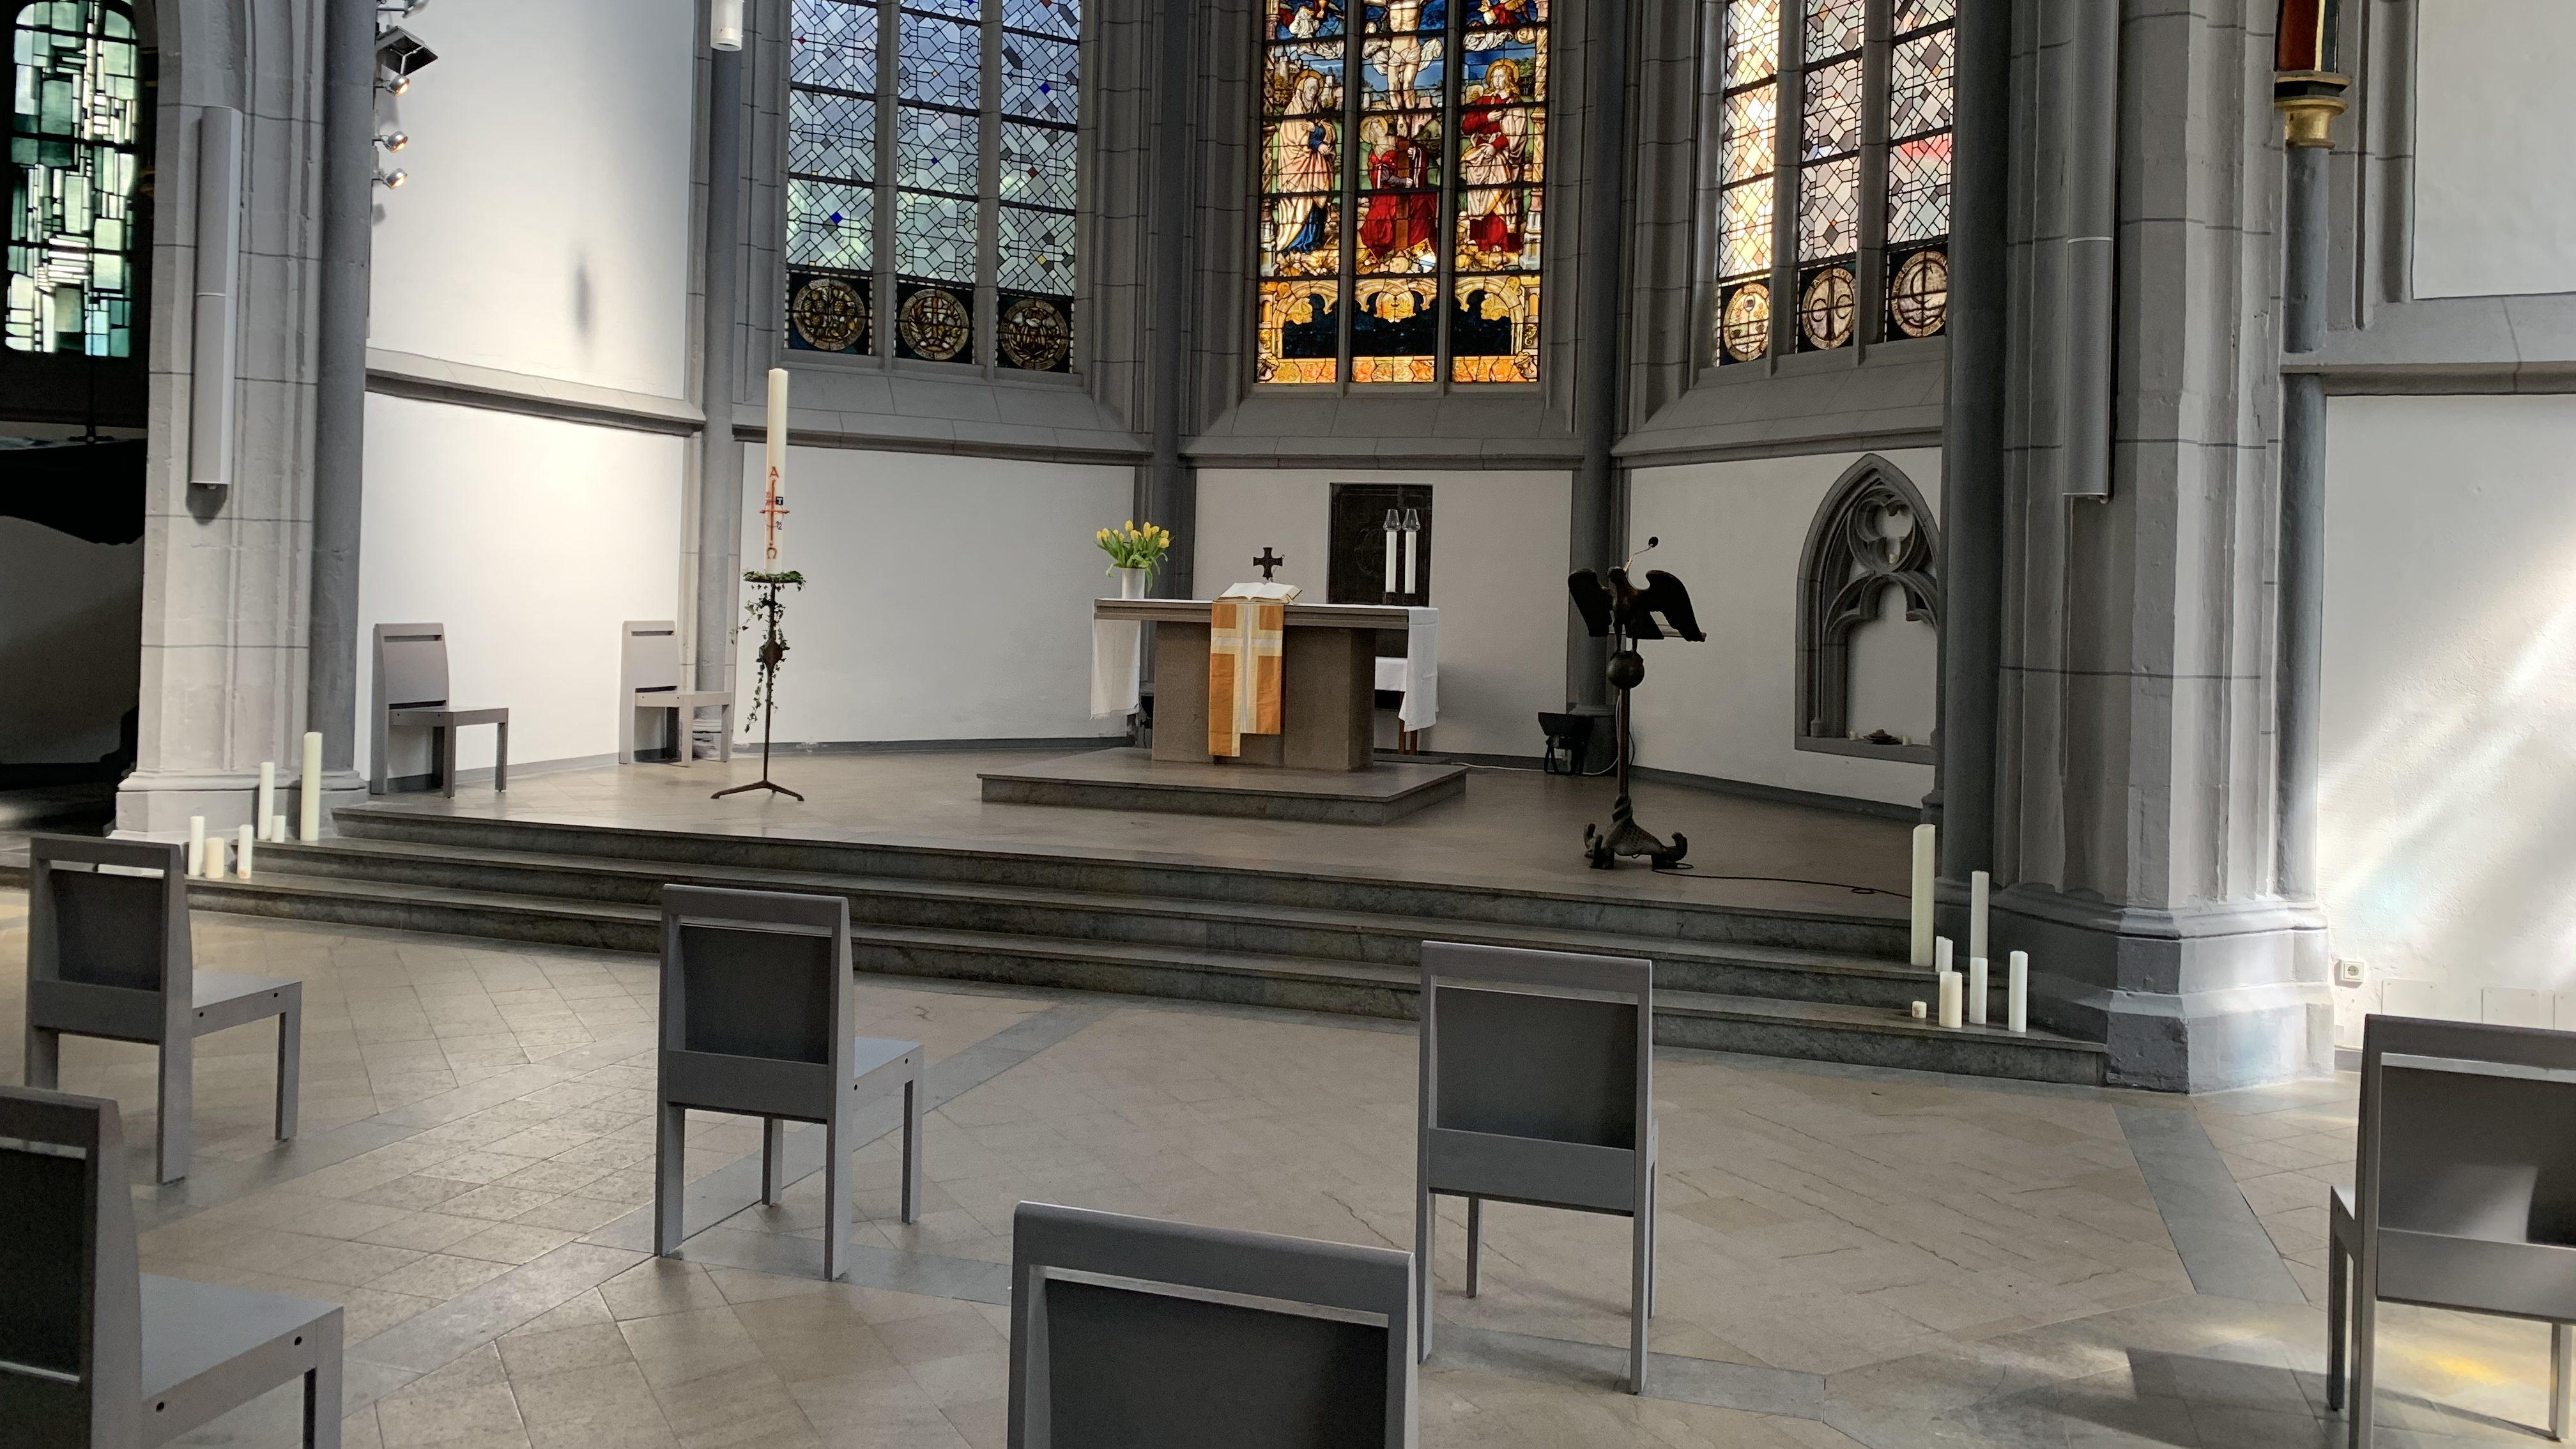 Antoniterkirche in der Kölner Innenstadt startet am 3. Mai wieder mit Gottesdiensten – Anmeldung erforderlich